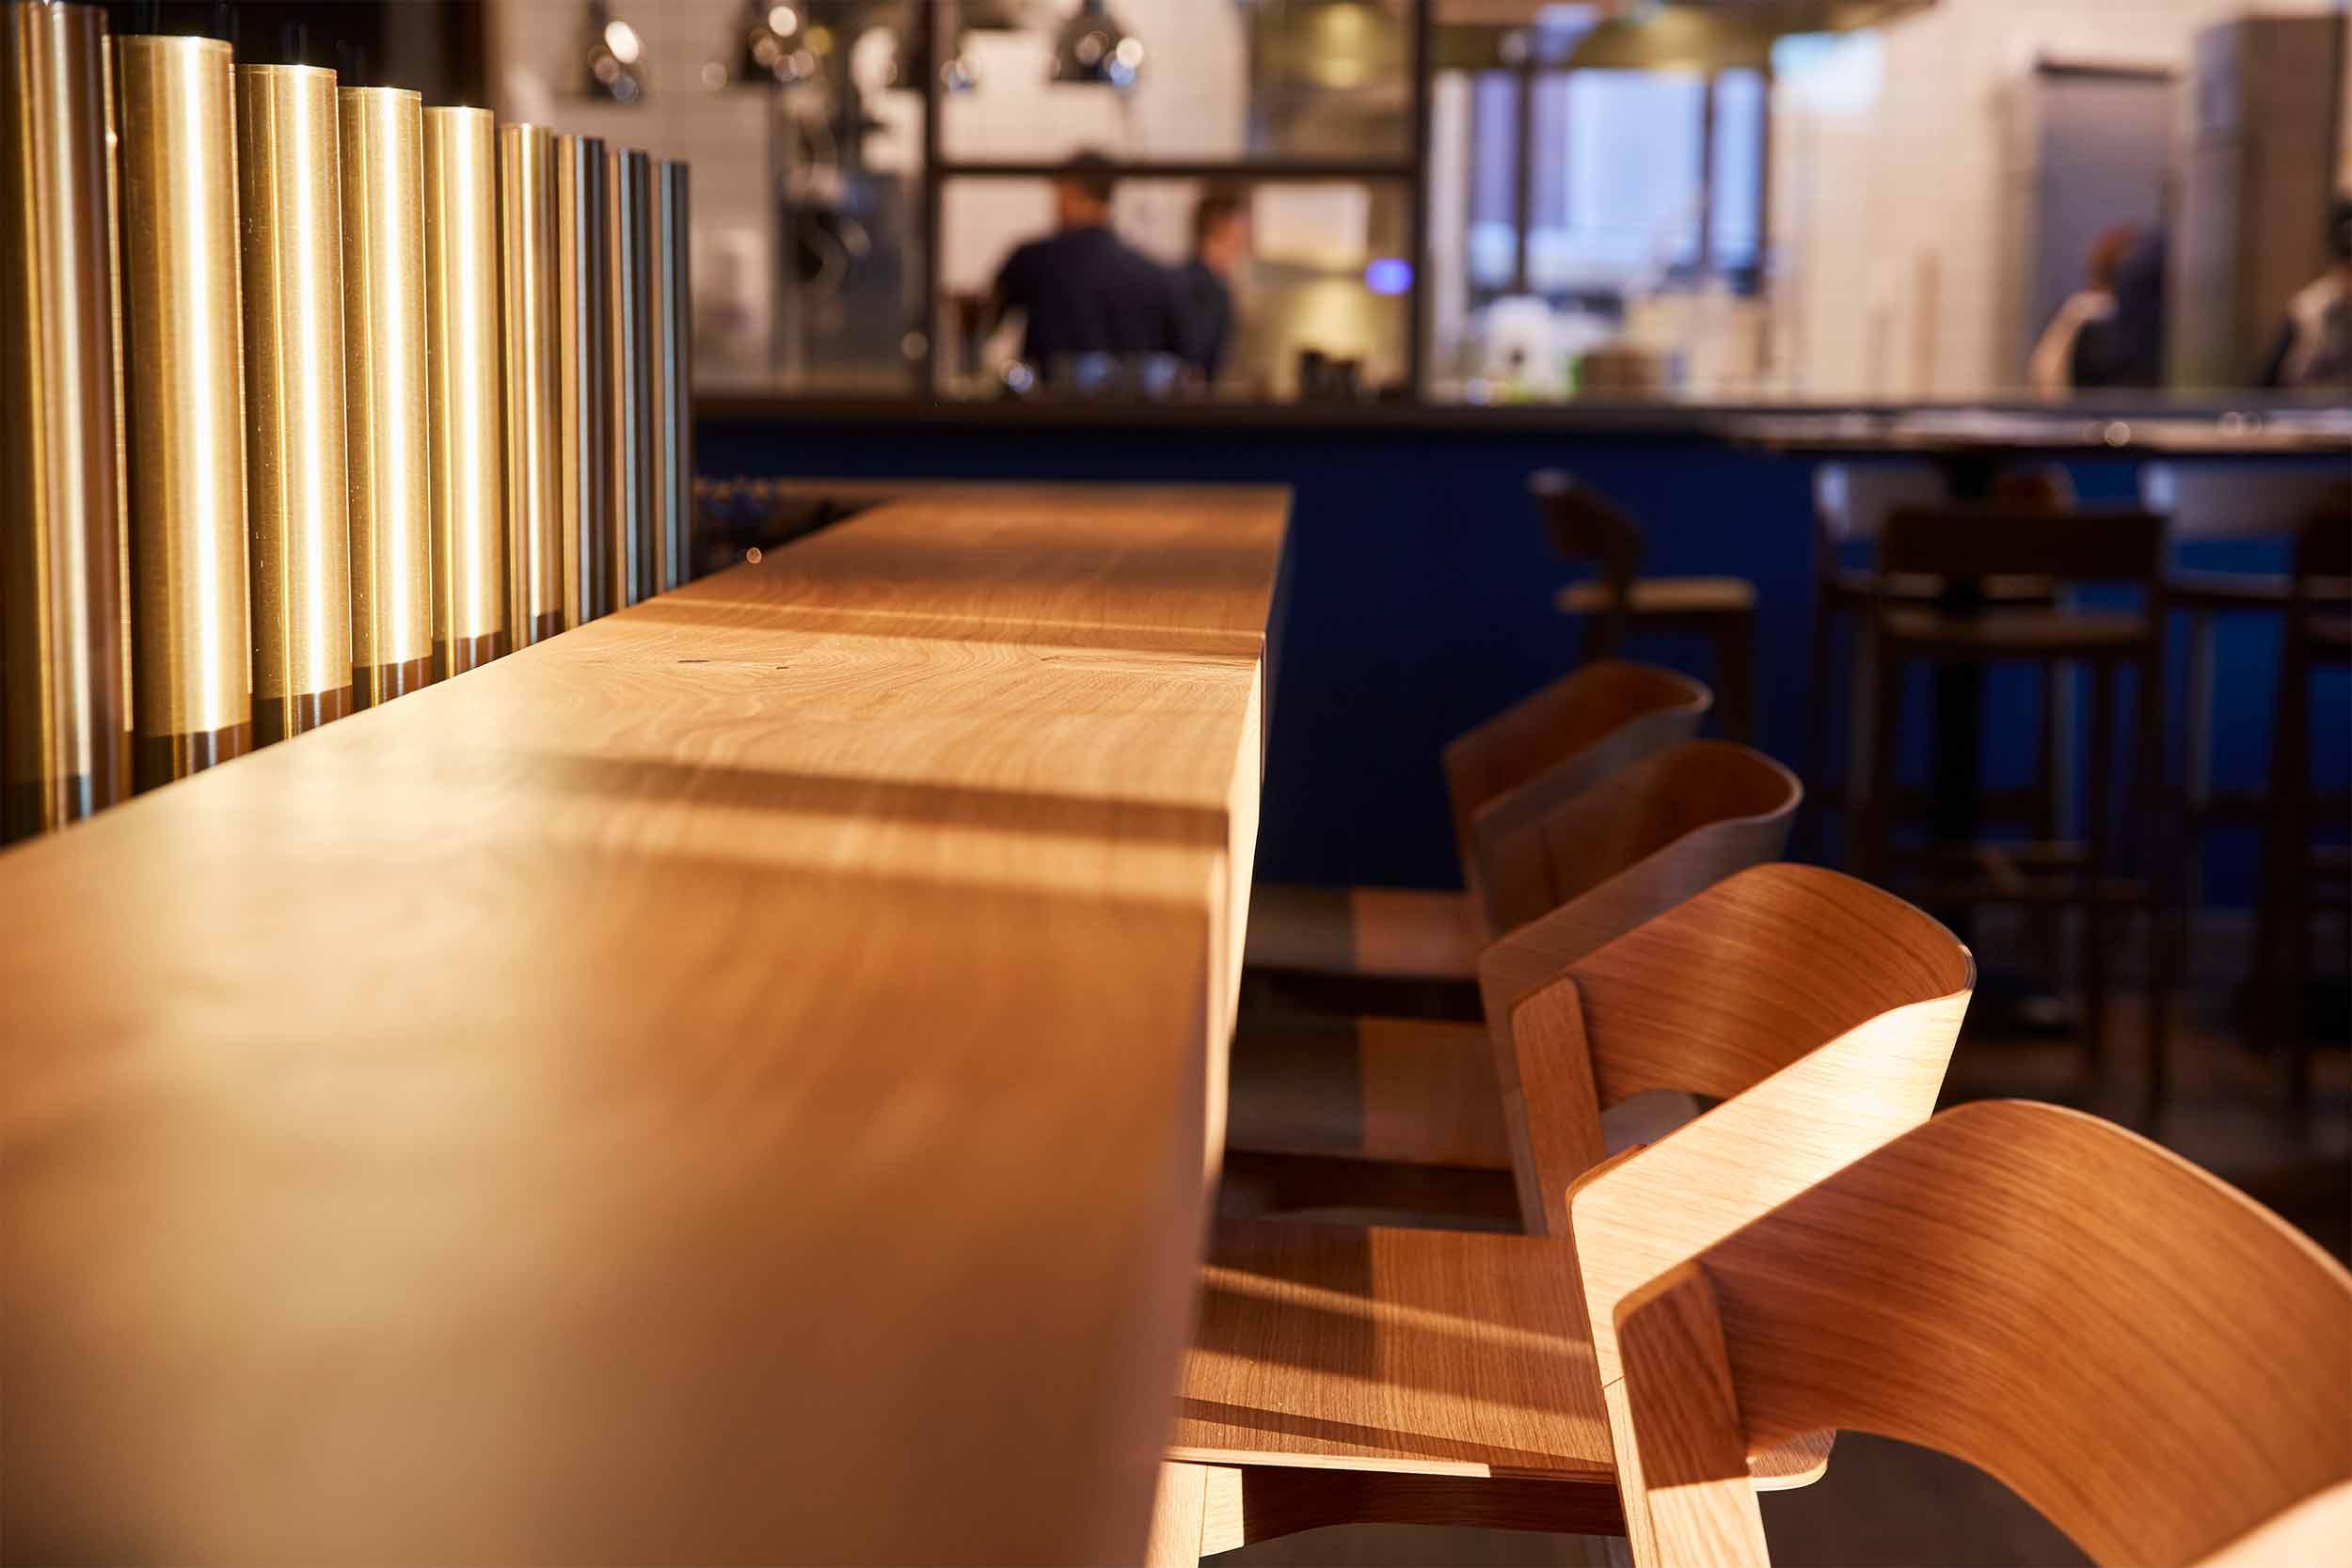 Blaue Kappe Essen und Trinken Augsburg Corporate Design und Website – Bar Closeup